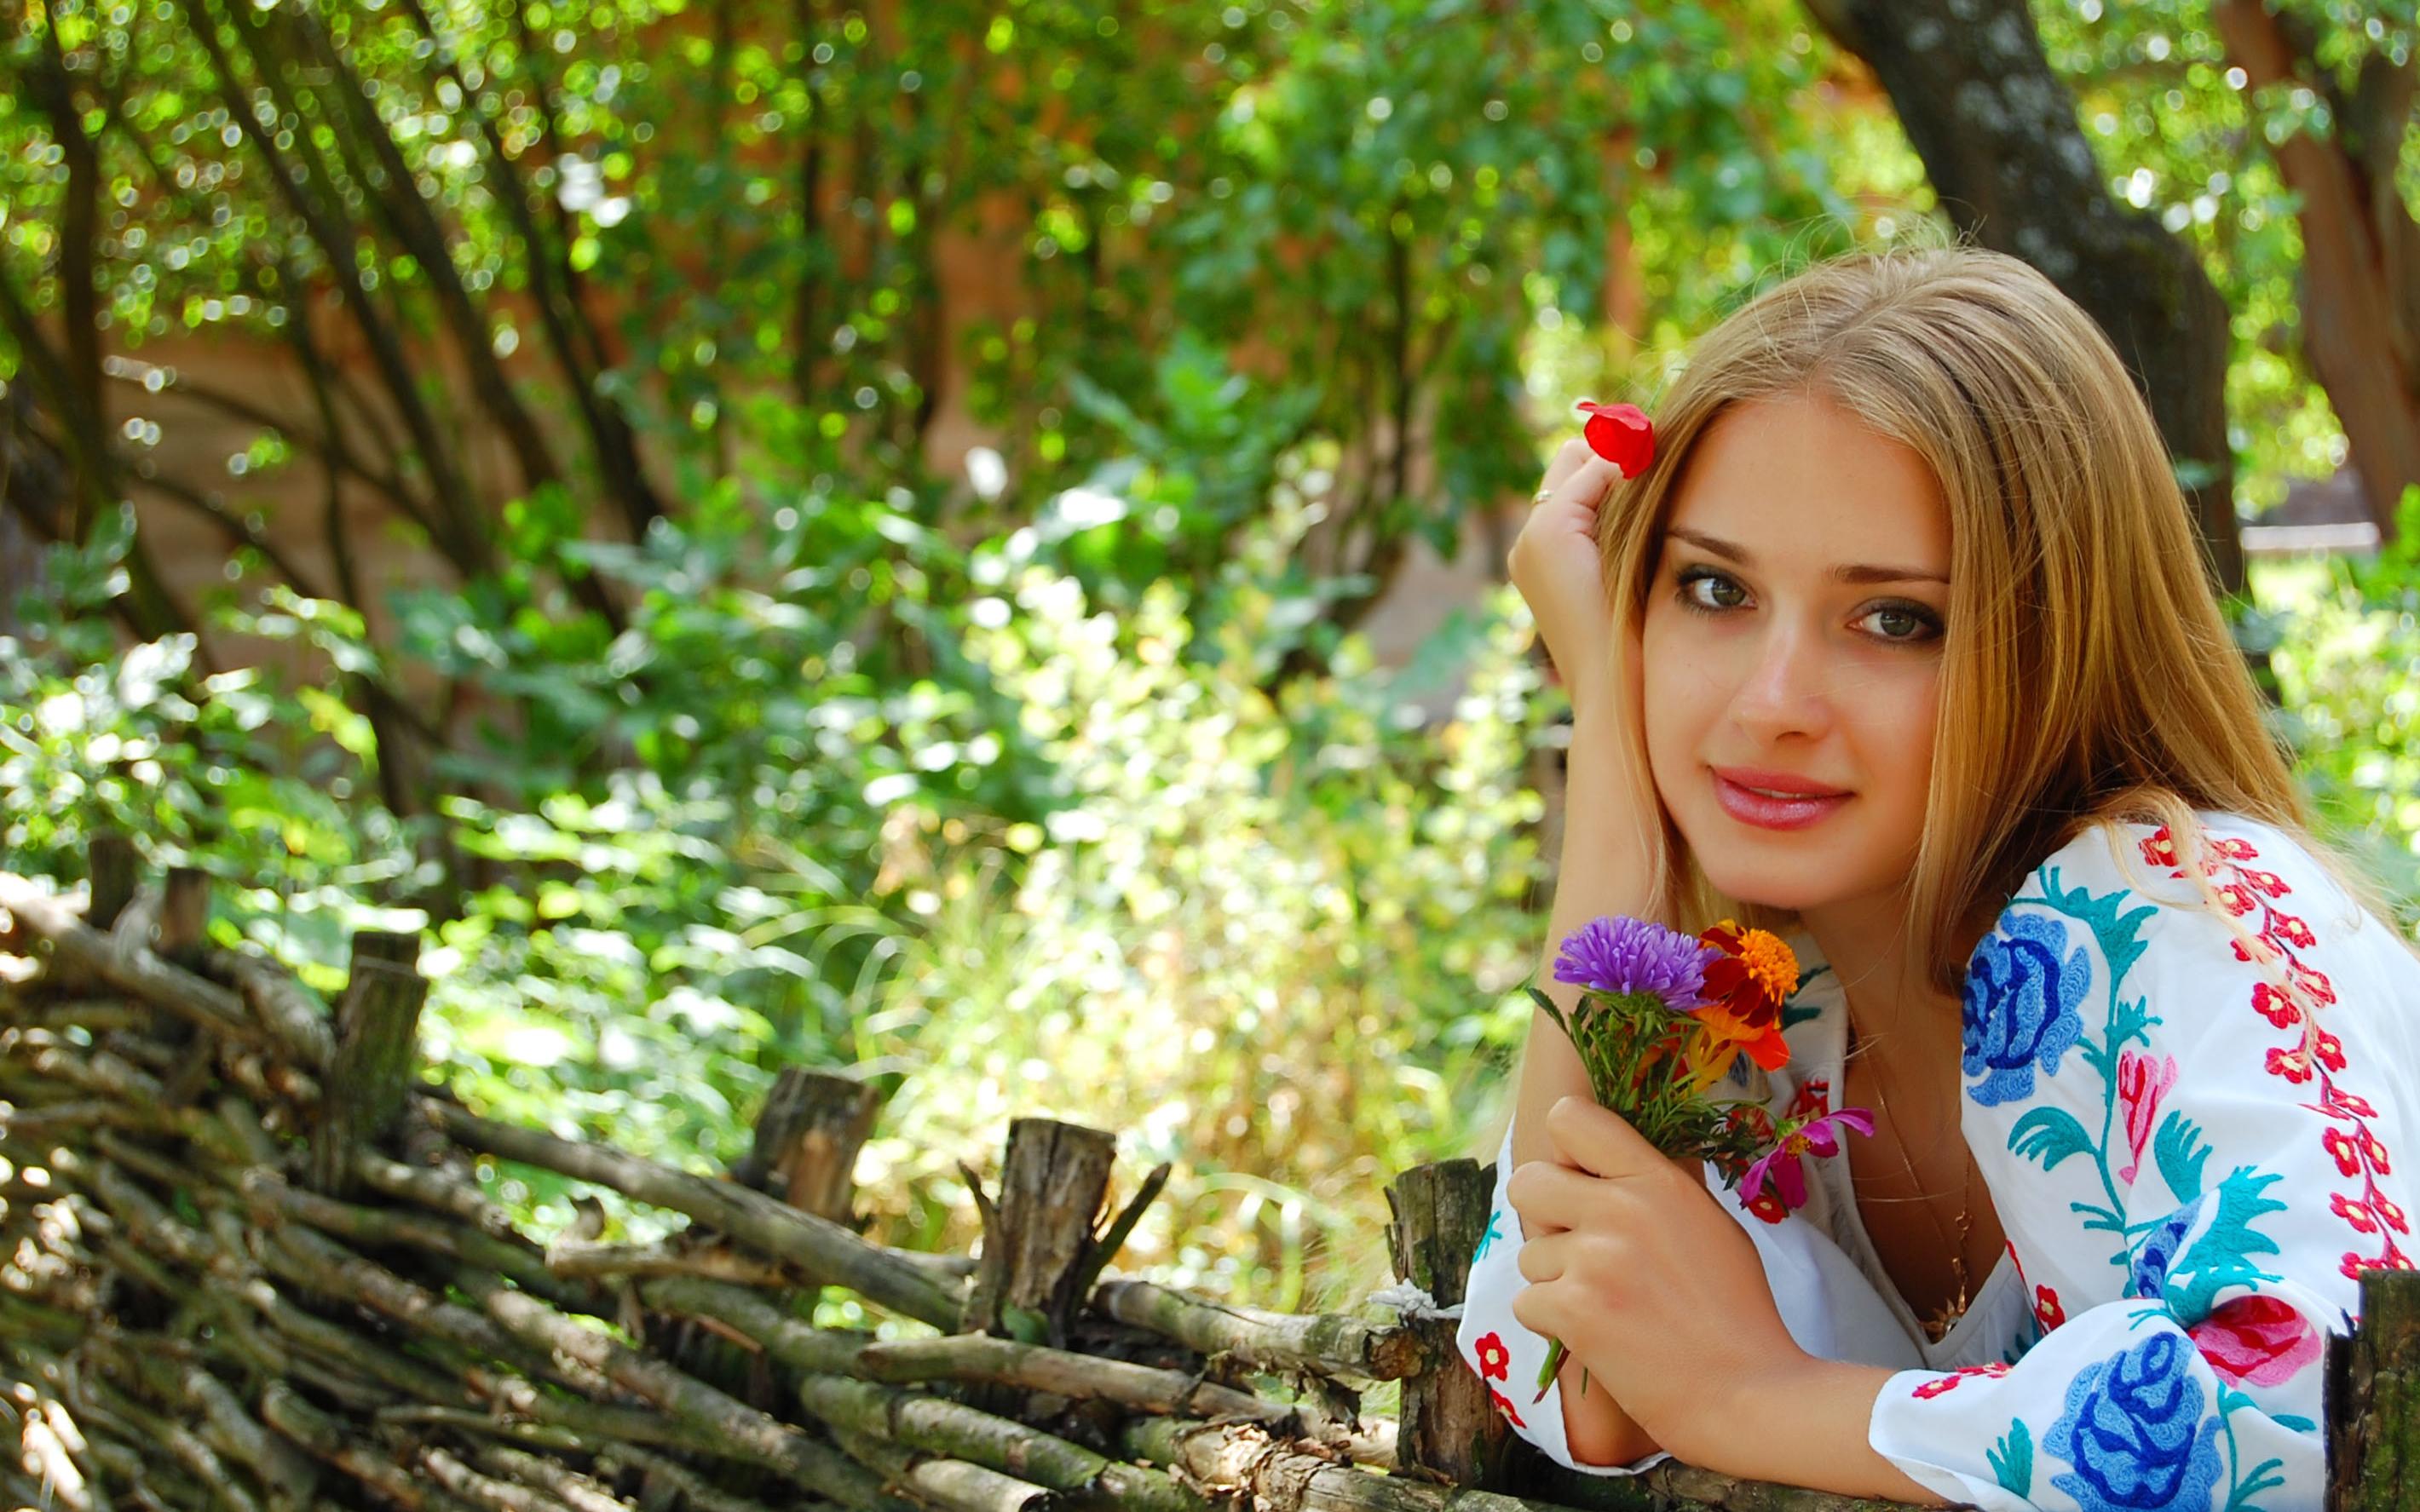 krasivie-devushki-ukrainki-fotosessii-luchshee-mobilnoe-porno-smotret-onlayn